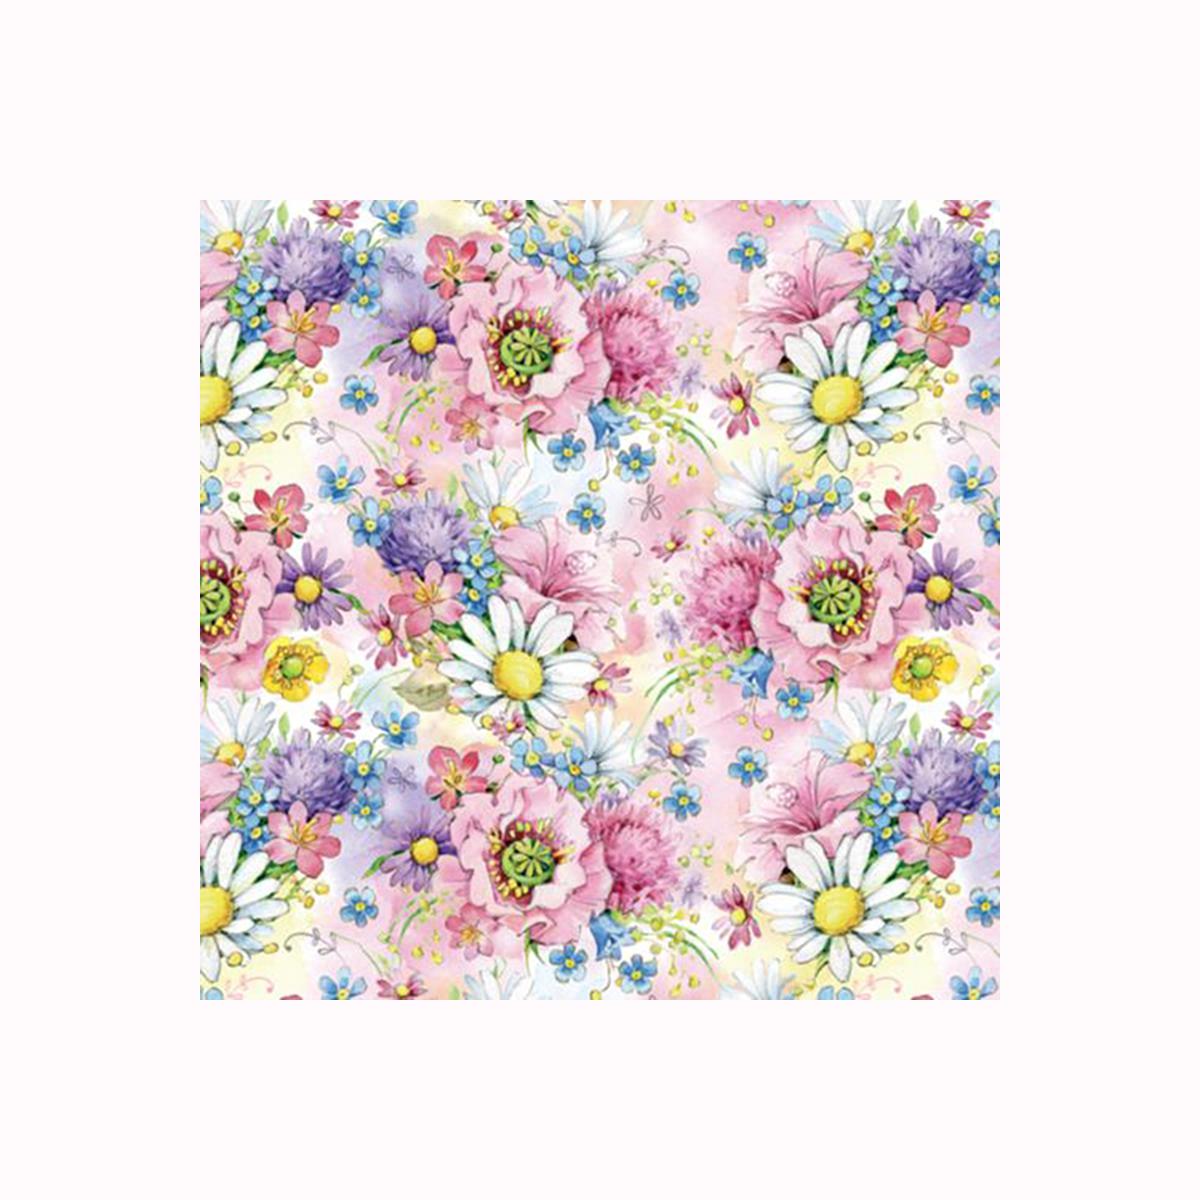 Бумага упаковочная Хобби и ты Полевые цветы, 67,4 х 97,4 см. 583242_ HY00808583242_ HY00808